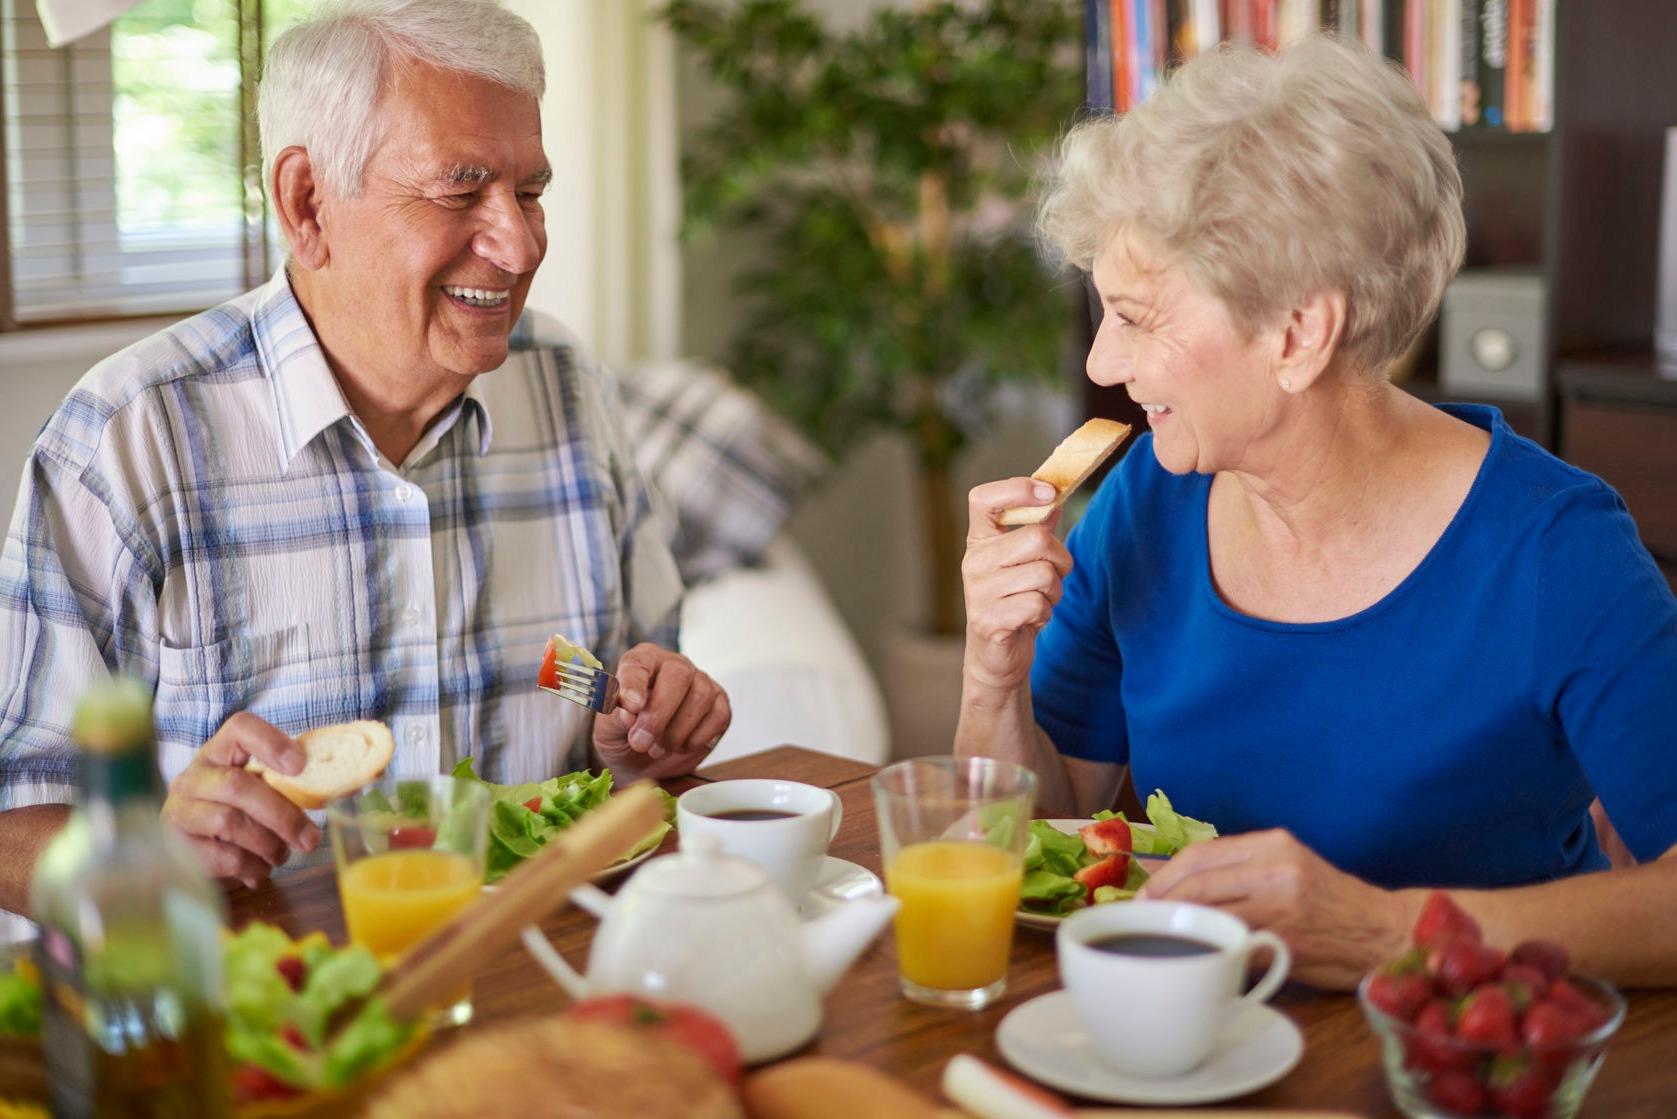 Dieta hiposódica para mayores